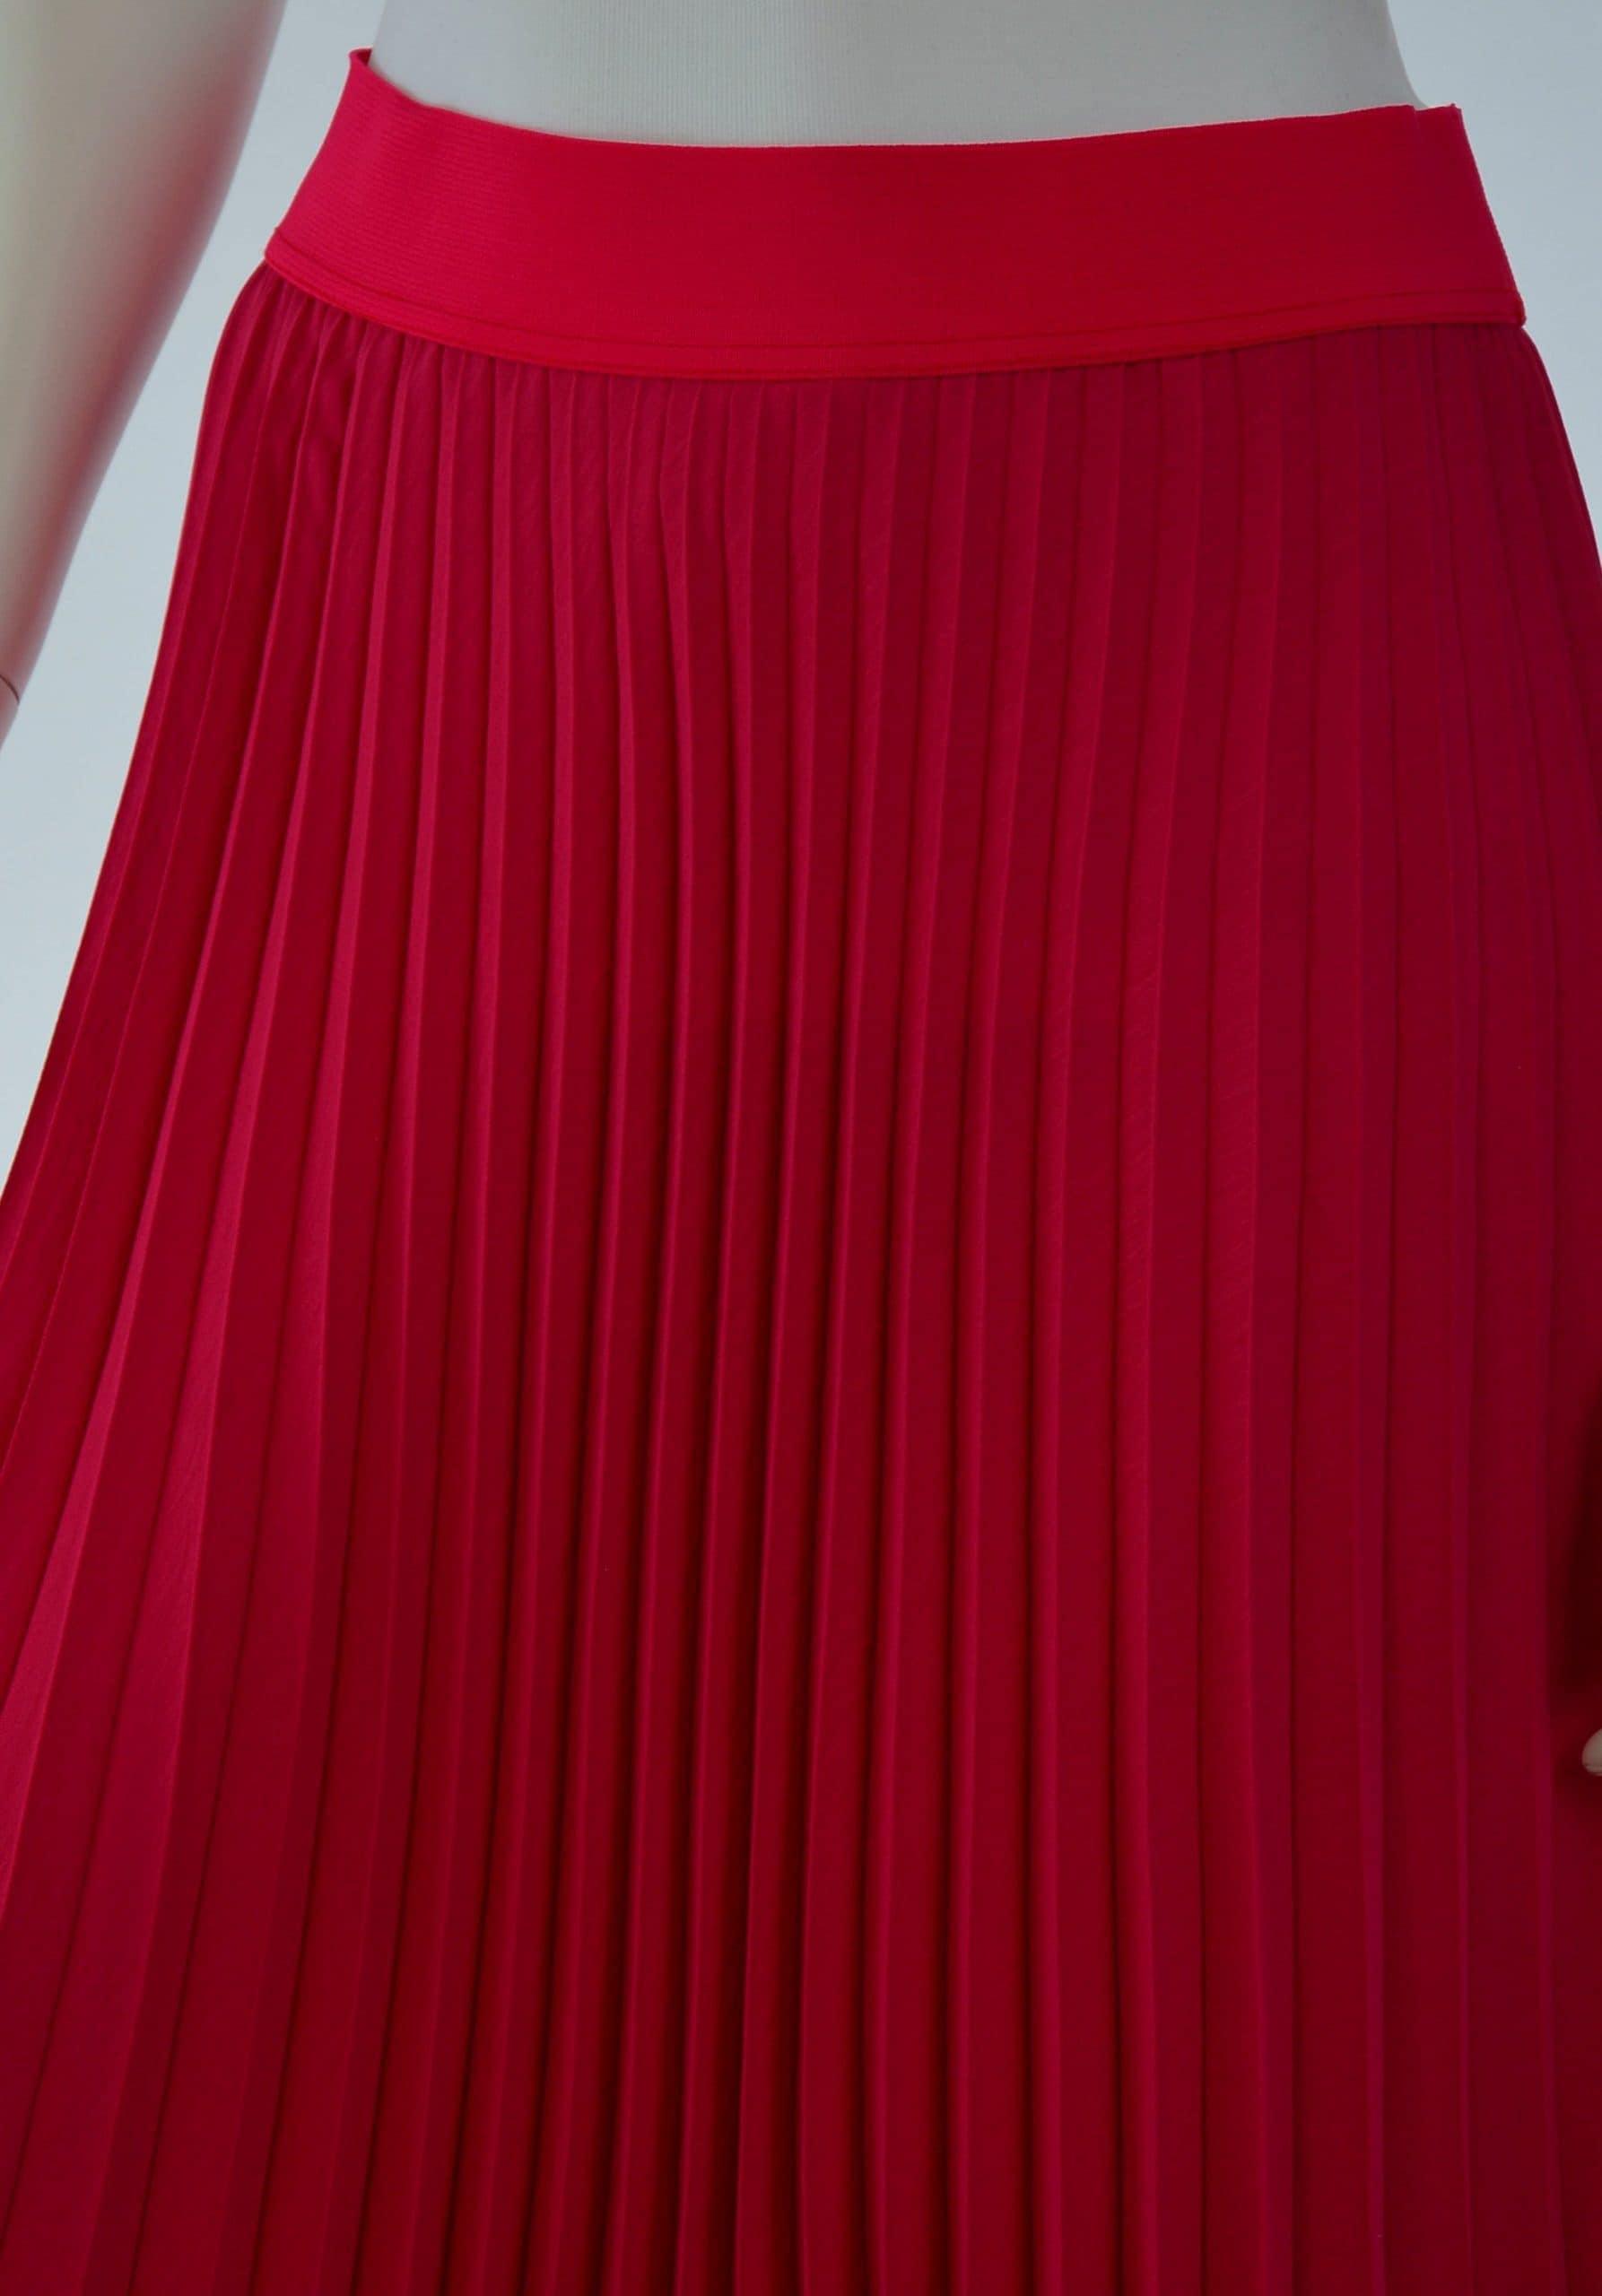 Skirt_sunririse_pleated_handkerchief_elastic_waist_1